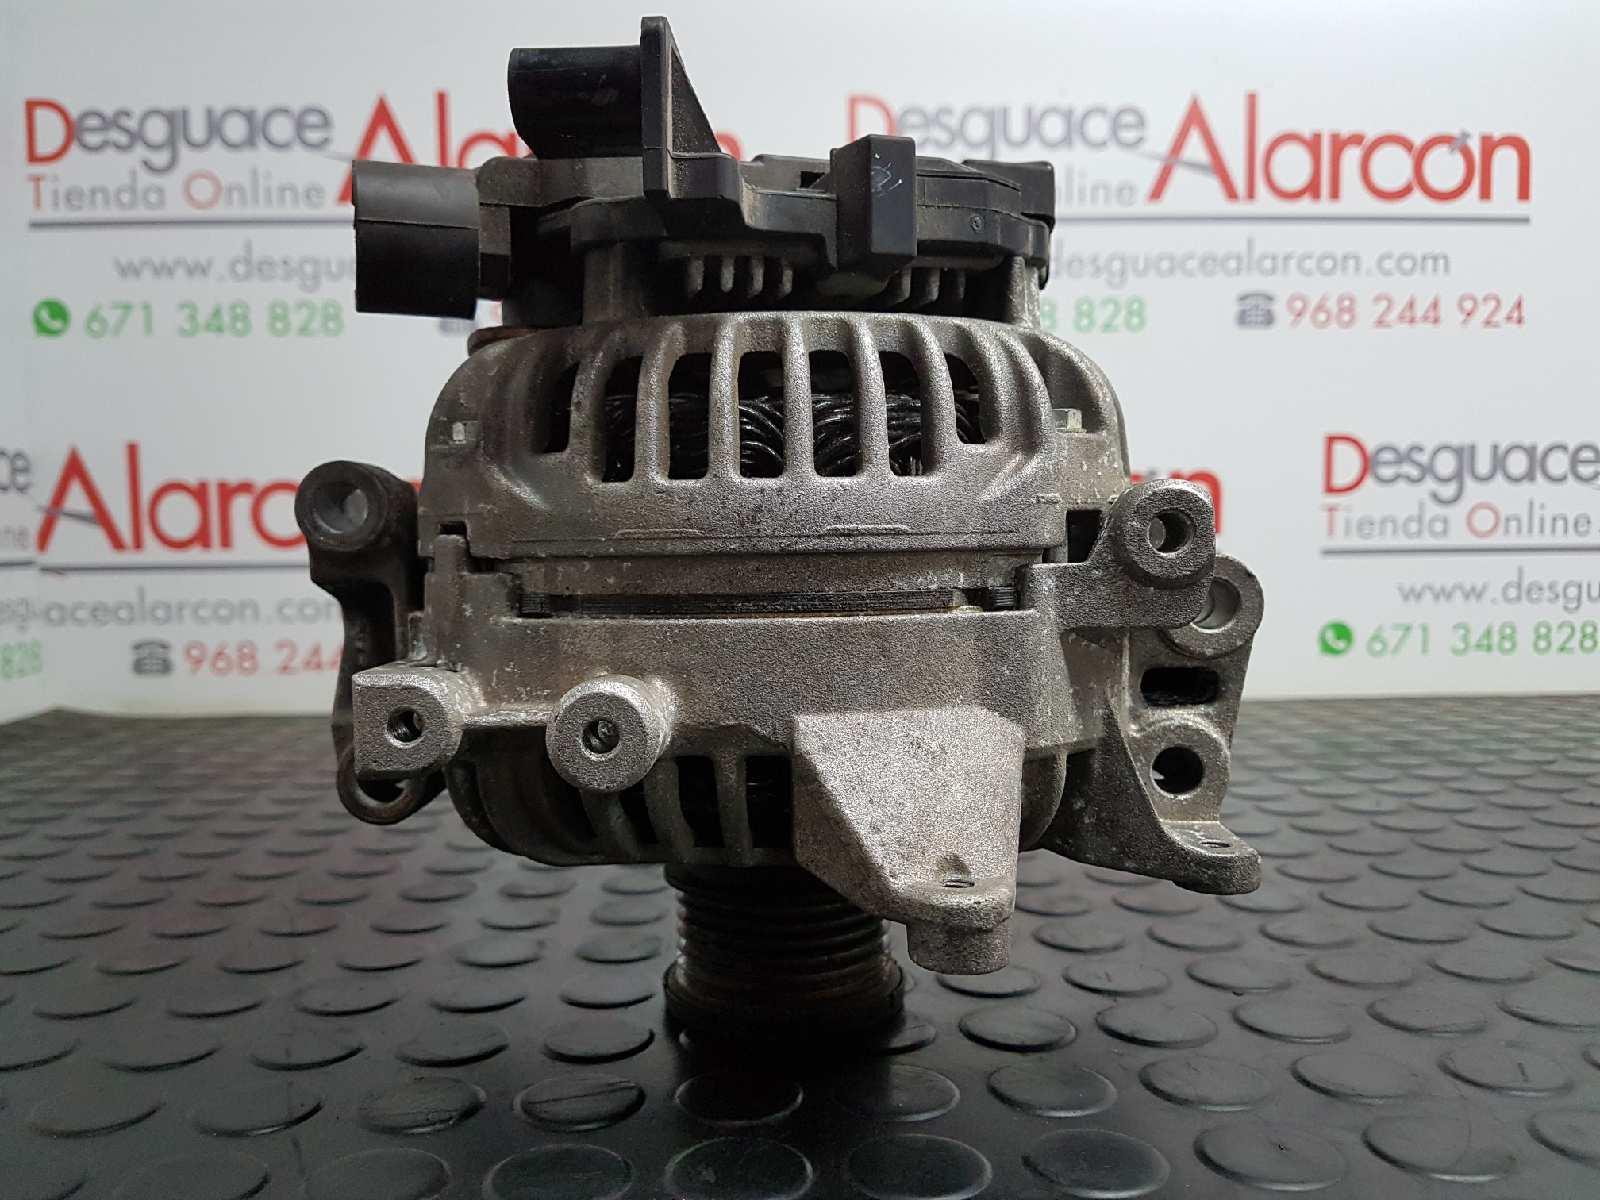 Original Klimaleitung VW Audi Seat Skoda 1K0820721BD *TOP* Leitung Klimaanlage